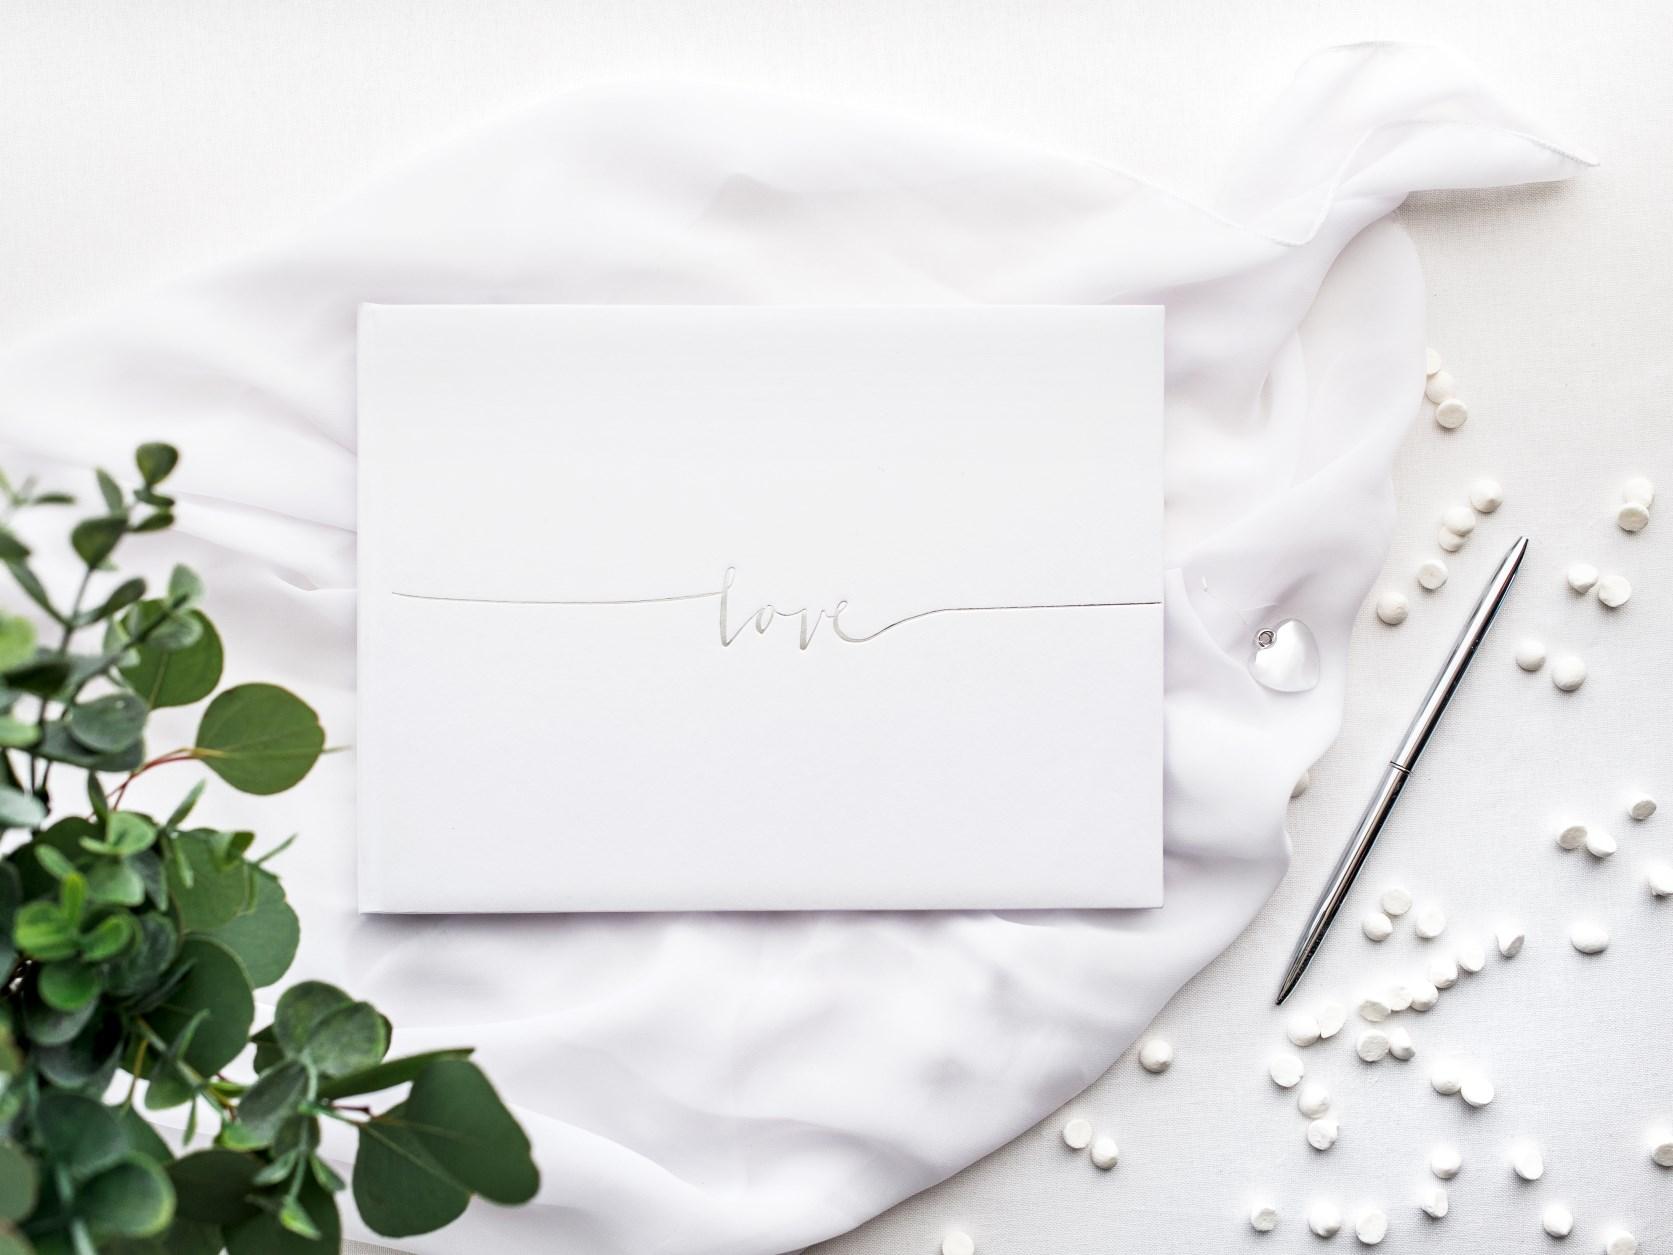 Ευχολόγιο – Βιβλίο Ευχών Γάμου Love Ασημί